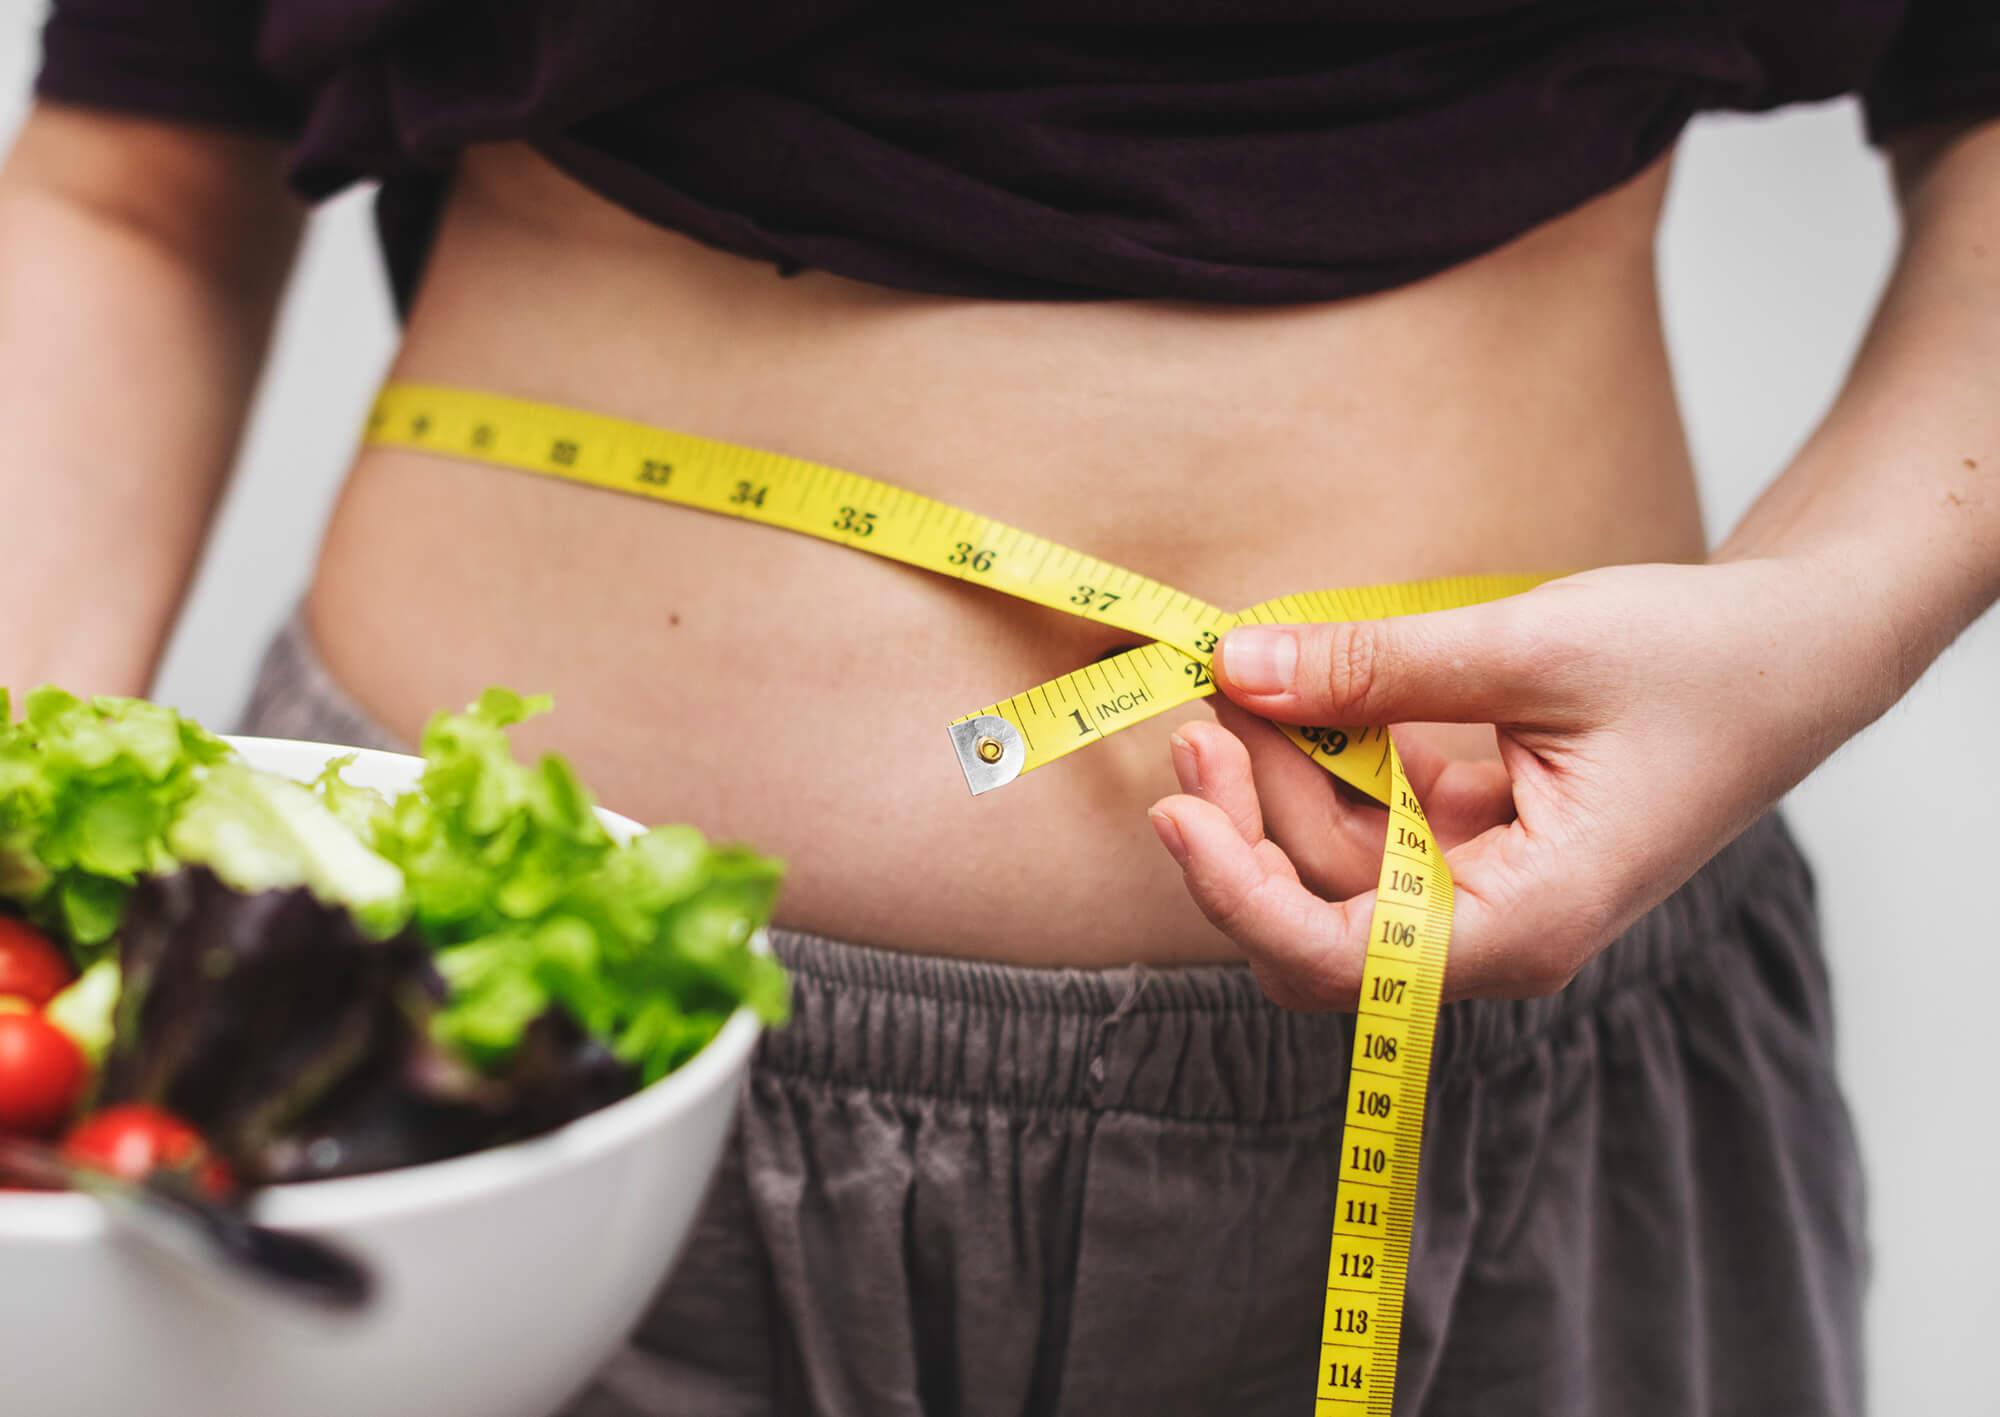 Obesidade: causas e dicas para sair dessa condição